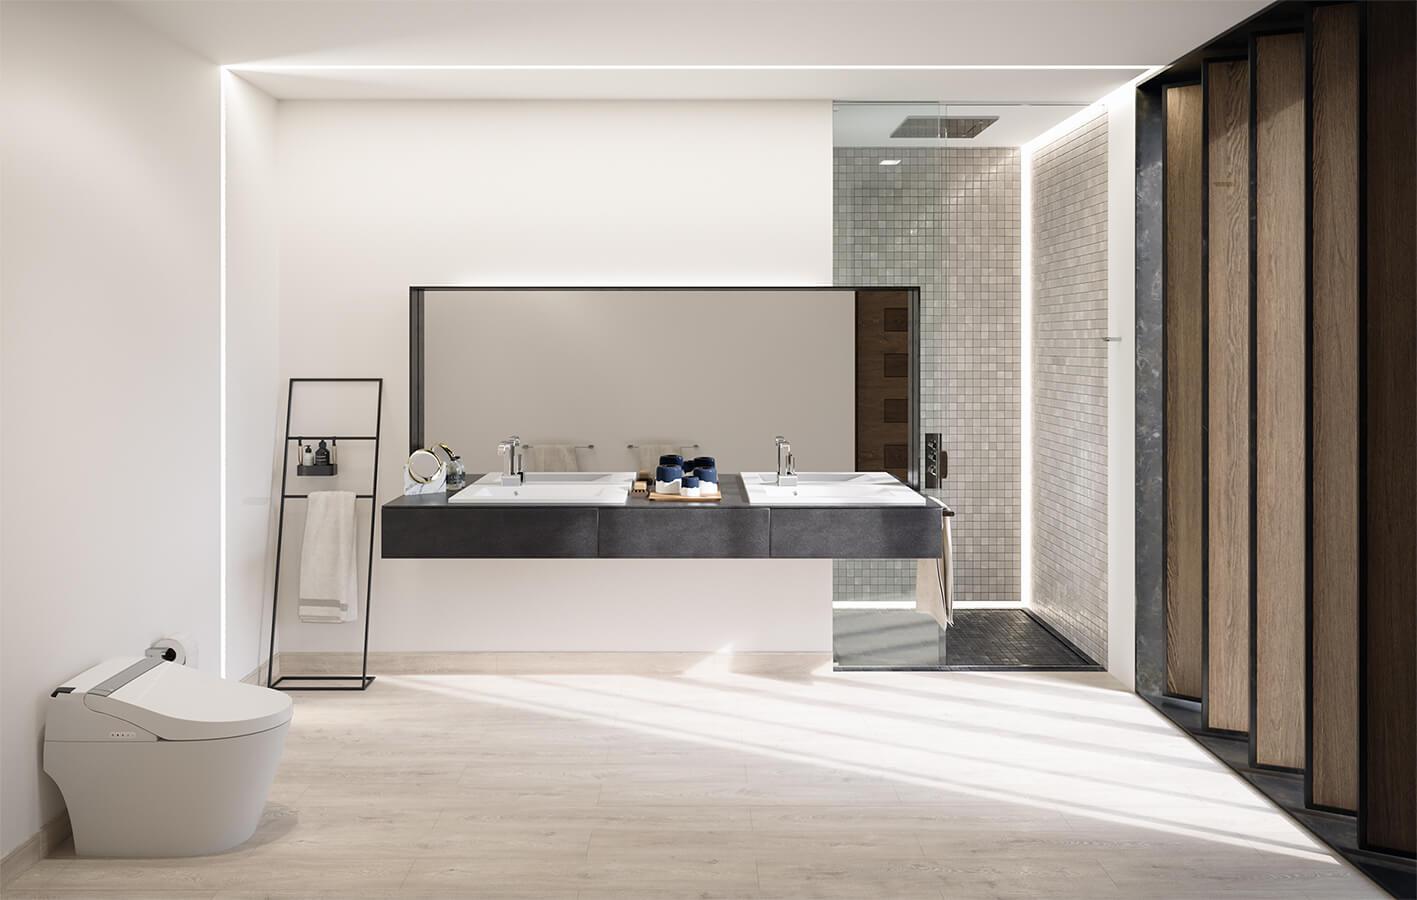 El tema de la pulcritud, que todo se vea impecable, siempre es importante –más en un ambiente como el baño–.  La marca estadounidense especializada en artículos de lujo para baños, American Standard va más allá con el desarrollo de piezas de alta tecnología y diseño.